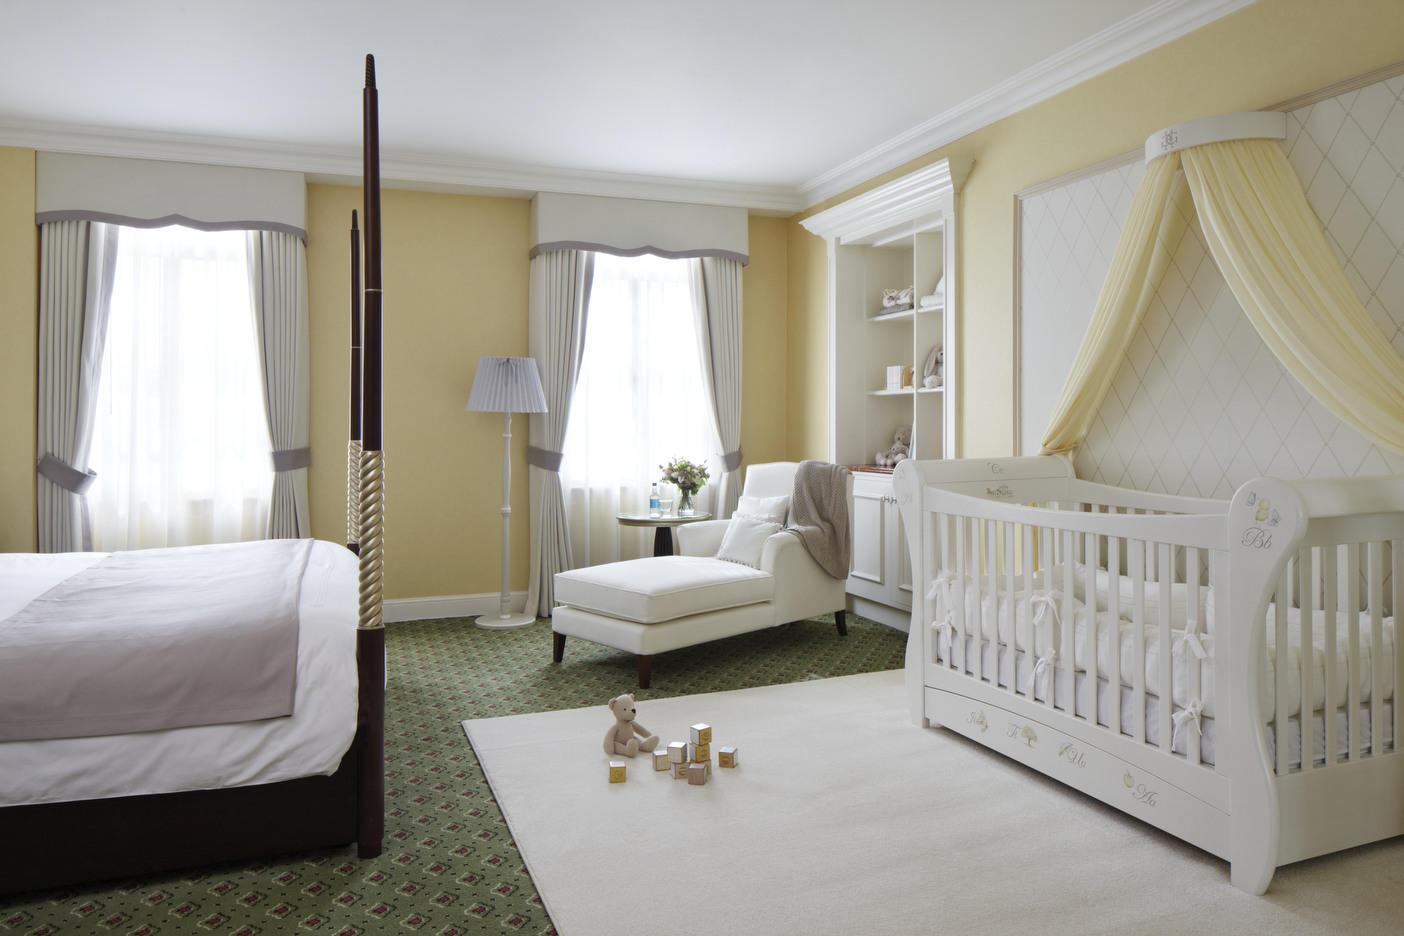 Детскую кроватку нужно размещать в месте, максимально защищенном от сквозняков и электромагнитных излучений